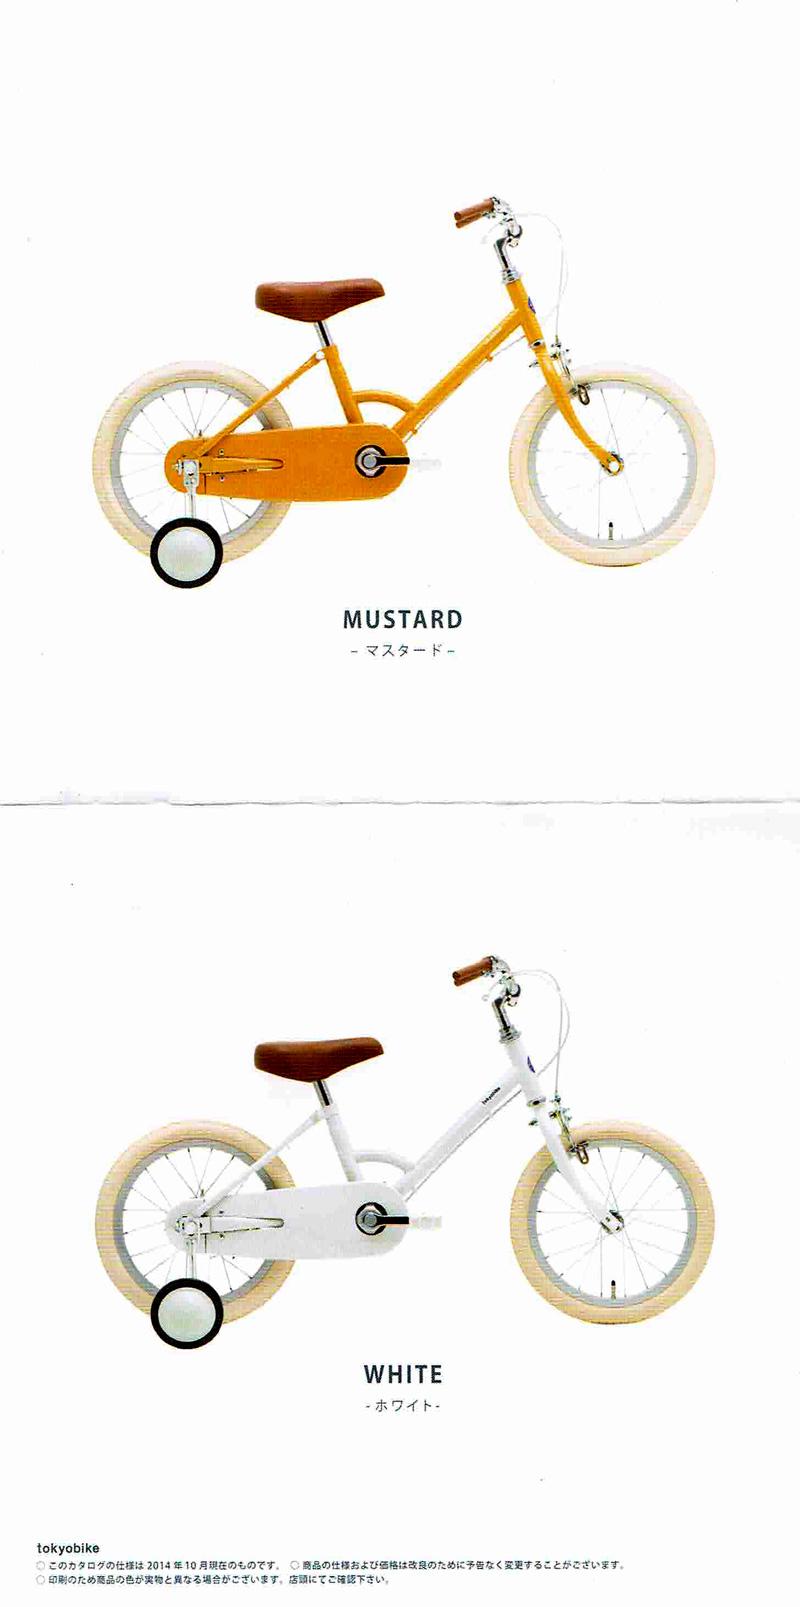 tokyobike「little tokyobike」カタログ